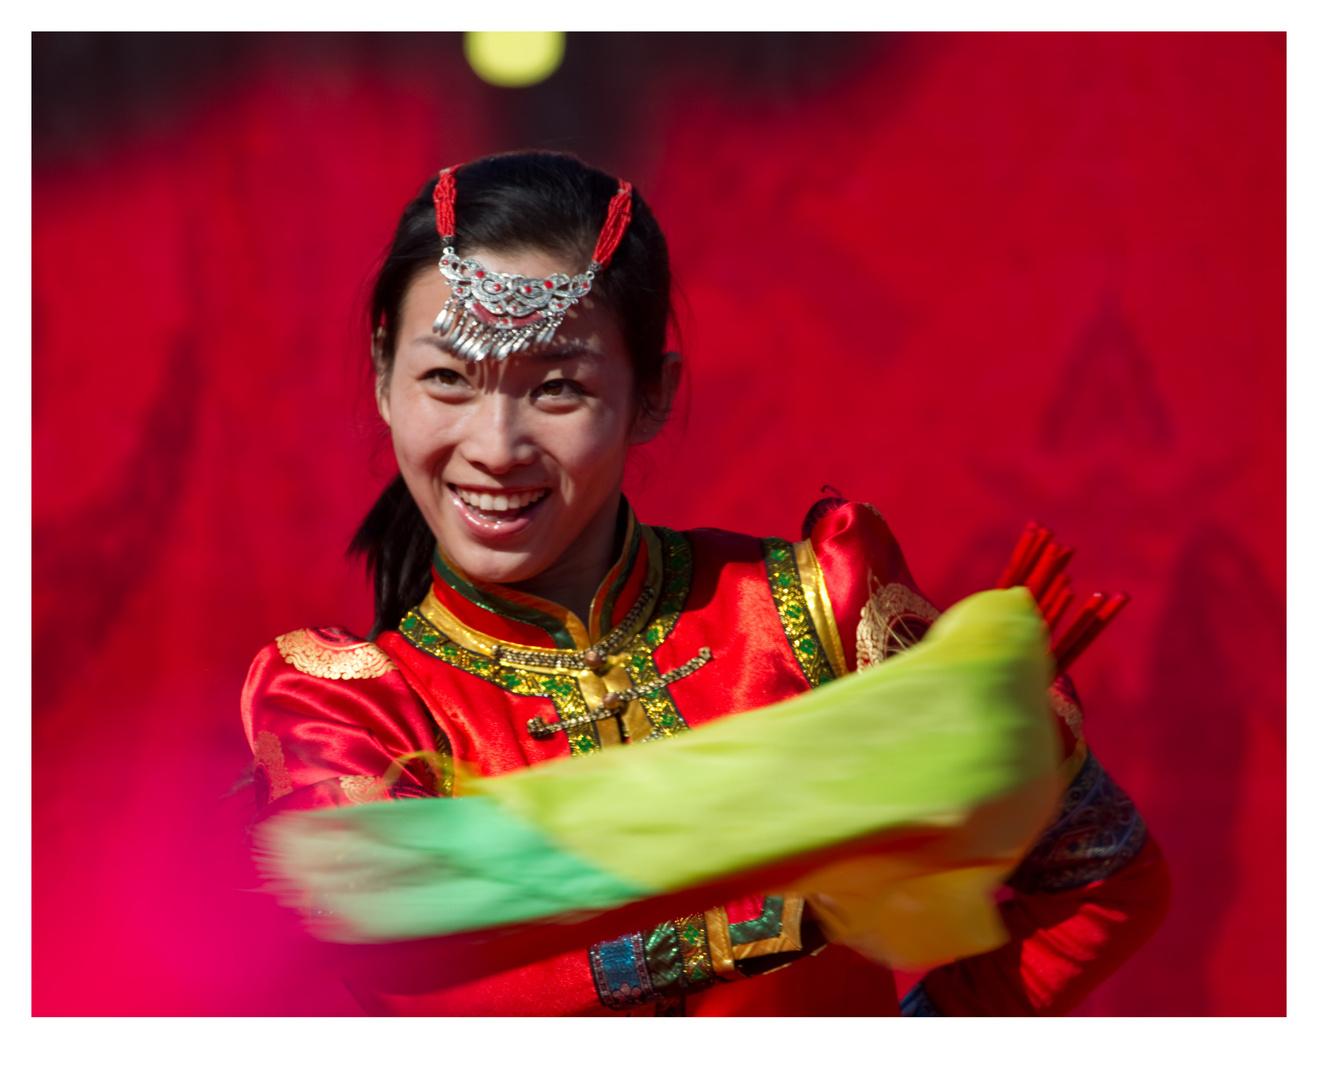 Frühlingsfest in Peking #6